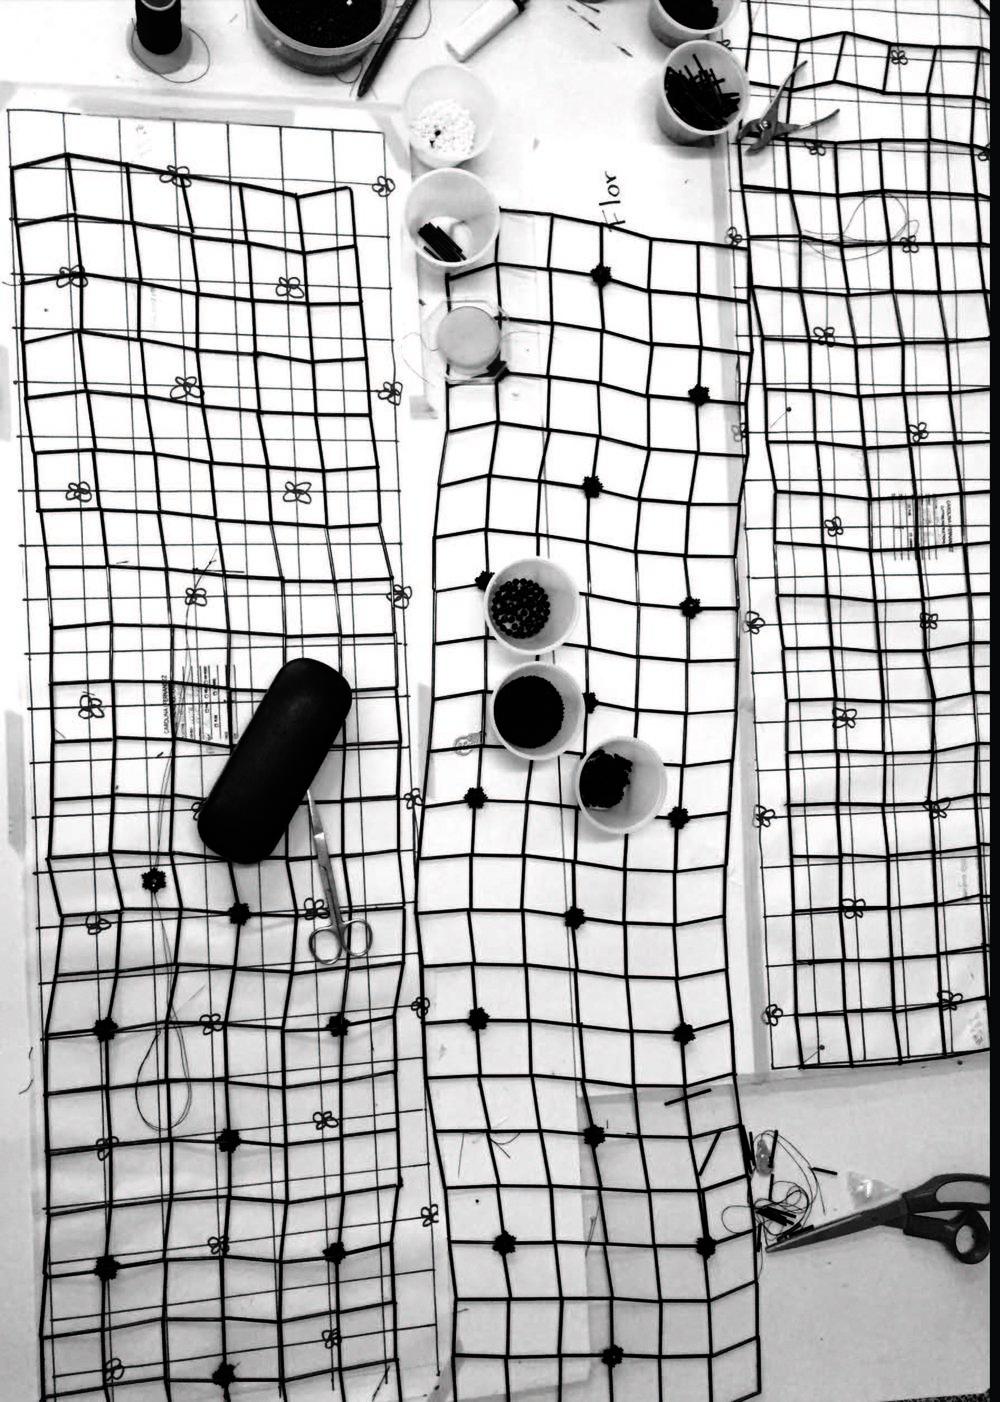 - Graduada de Central Saint Martins 2017C F encuentra belleza entre la interacción que la ciencia y el arte generan en las prendas mediante la estructura, composición y forma en la cual el vestido interactúa con su context. Los diseños reflejan una profunda apreciación por innovación, basada en técnicas sofisticadas de costura las cuales acentúan la estética natural del cuerpo. Generando un espectáculo de elegancia, los diseños de C F posicionan a quienes los visten en el centro y frente de su vida.